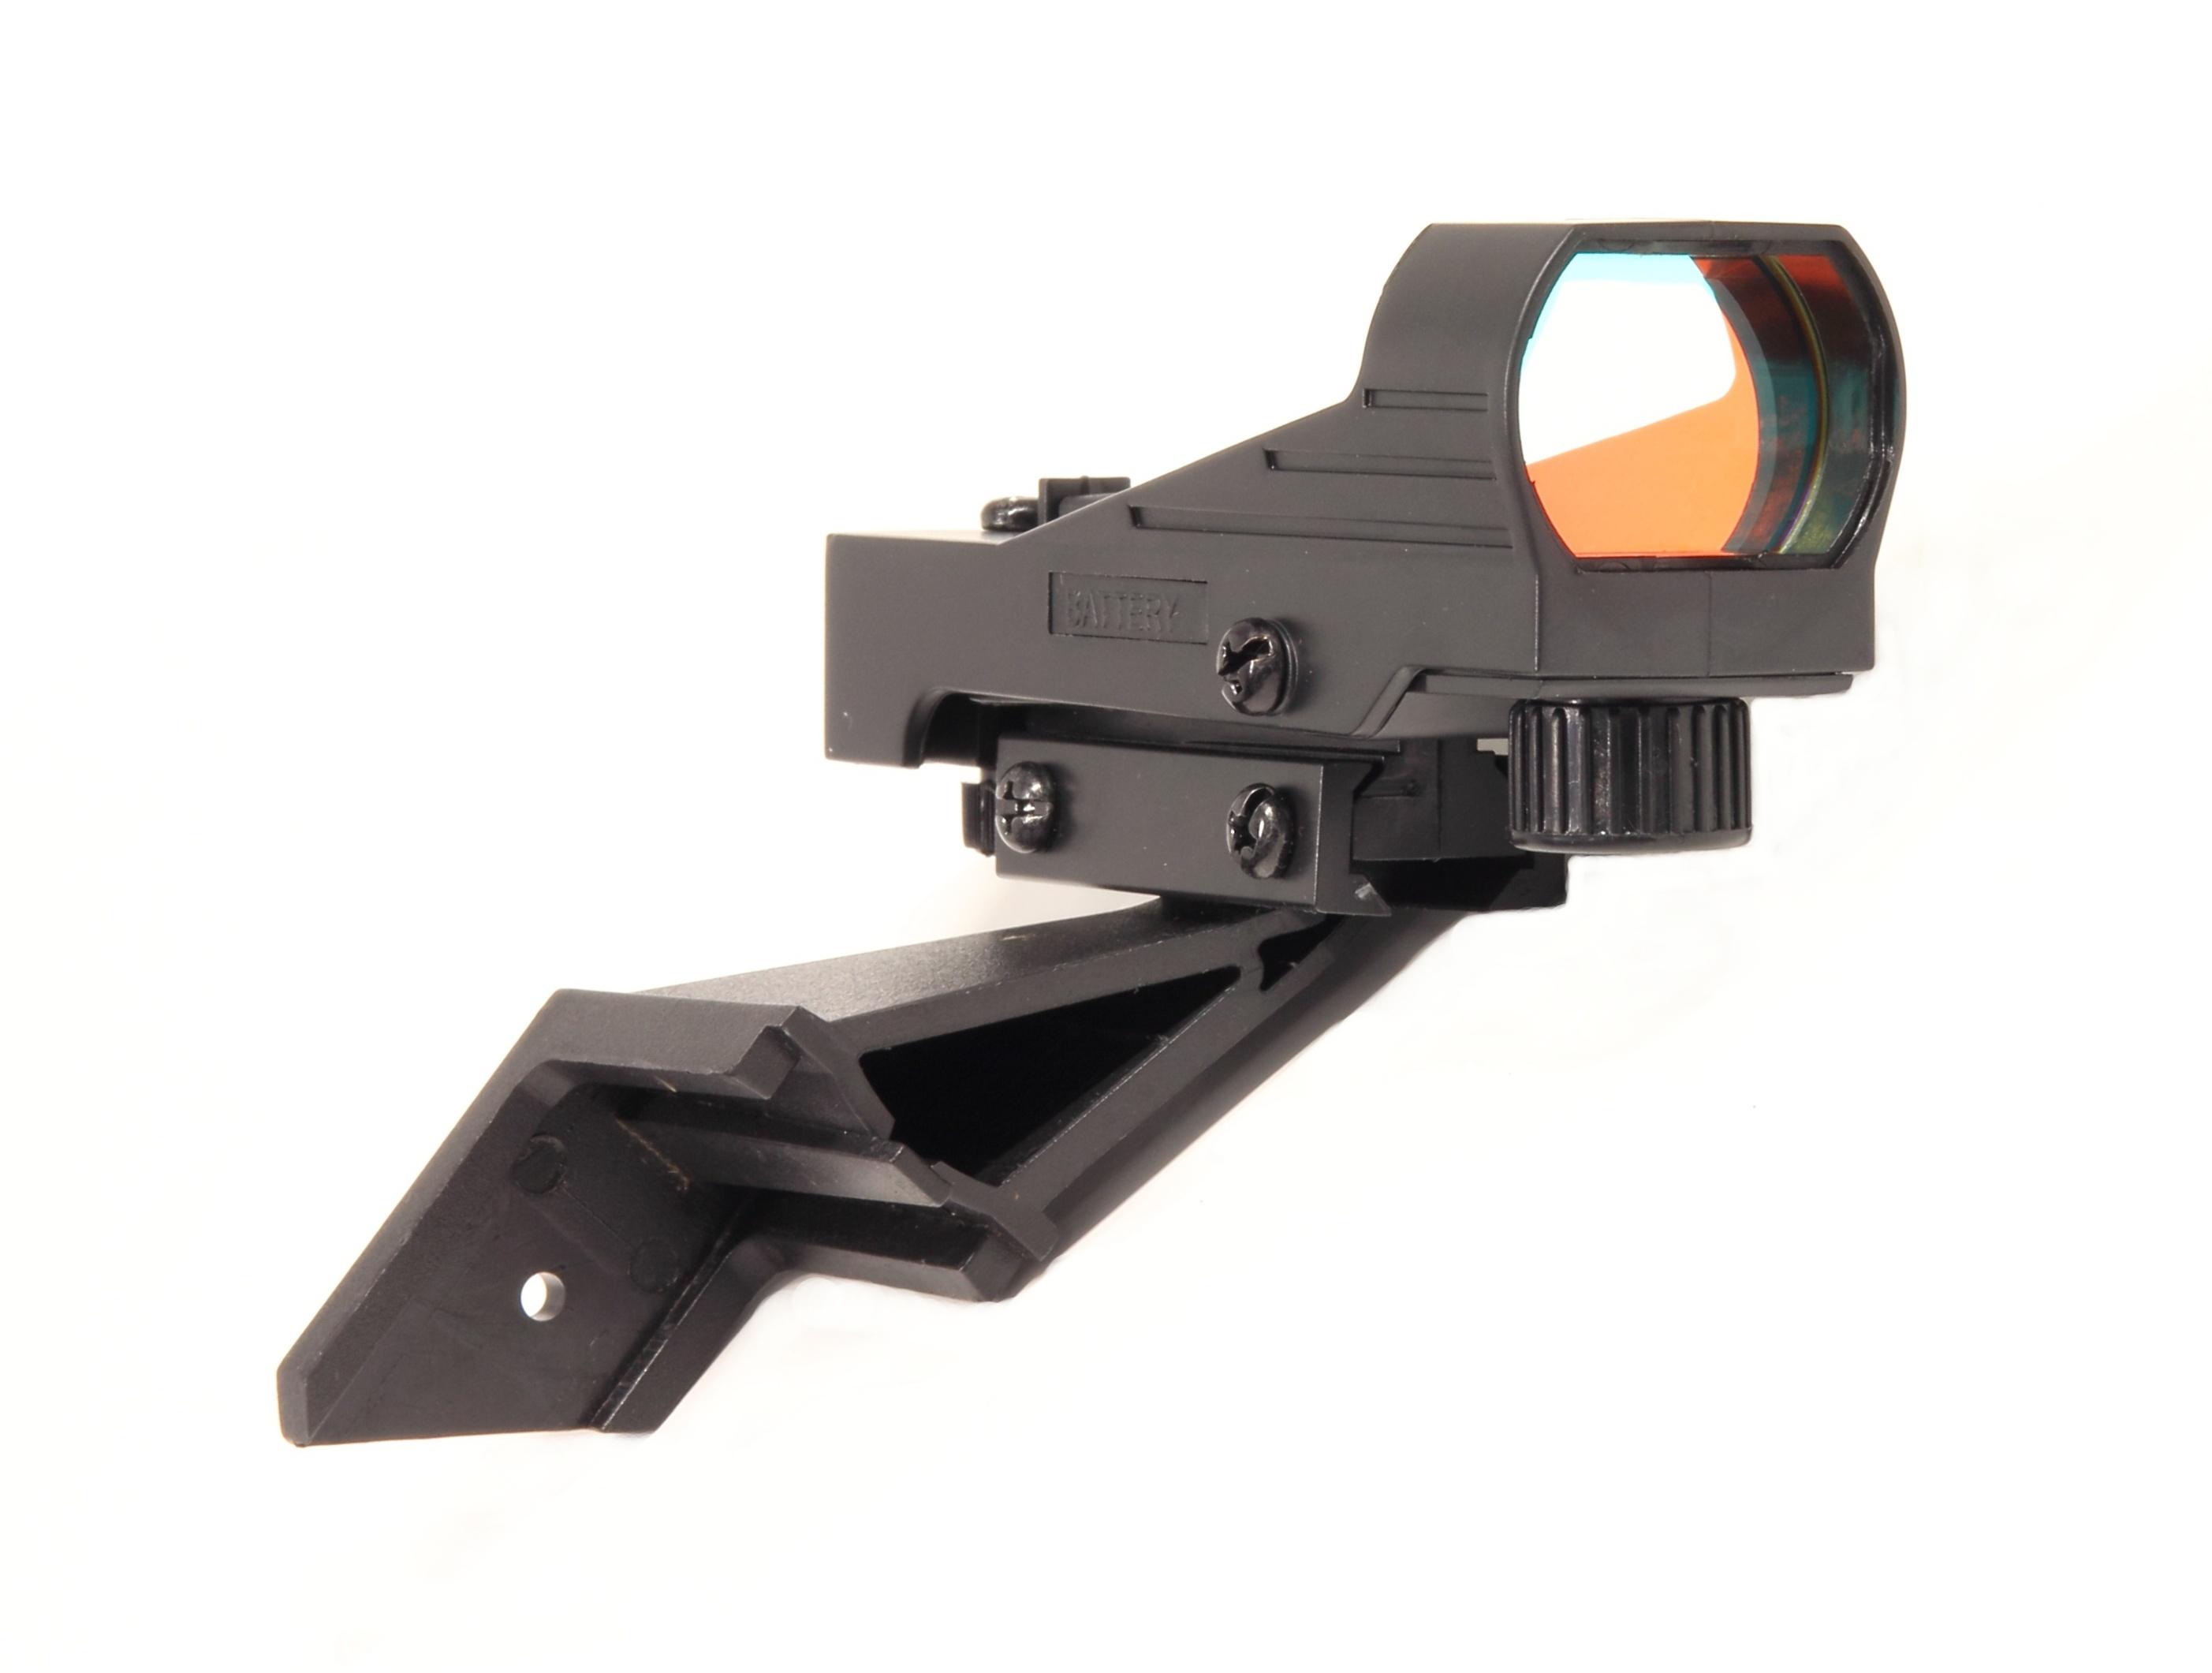 Bresser optik linsen teleskop messier ar exos eq